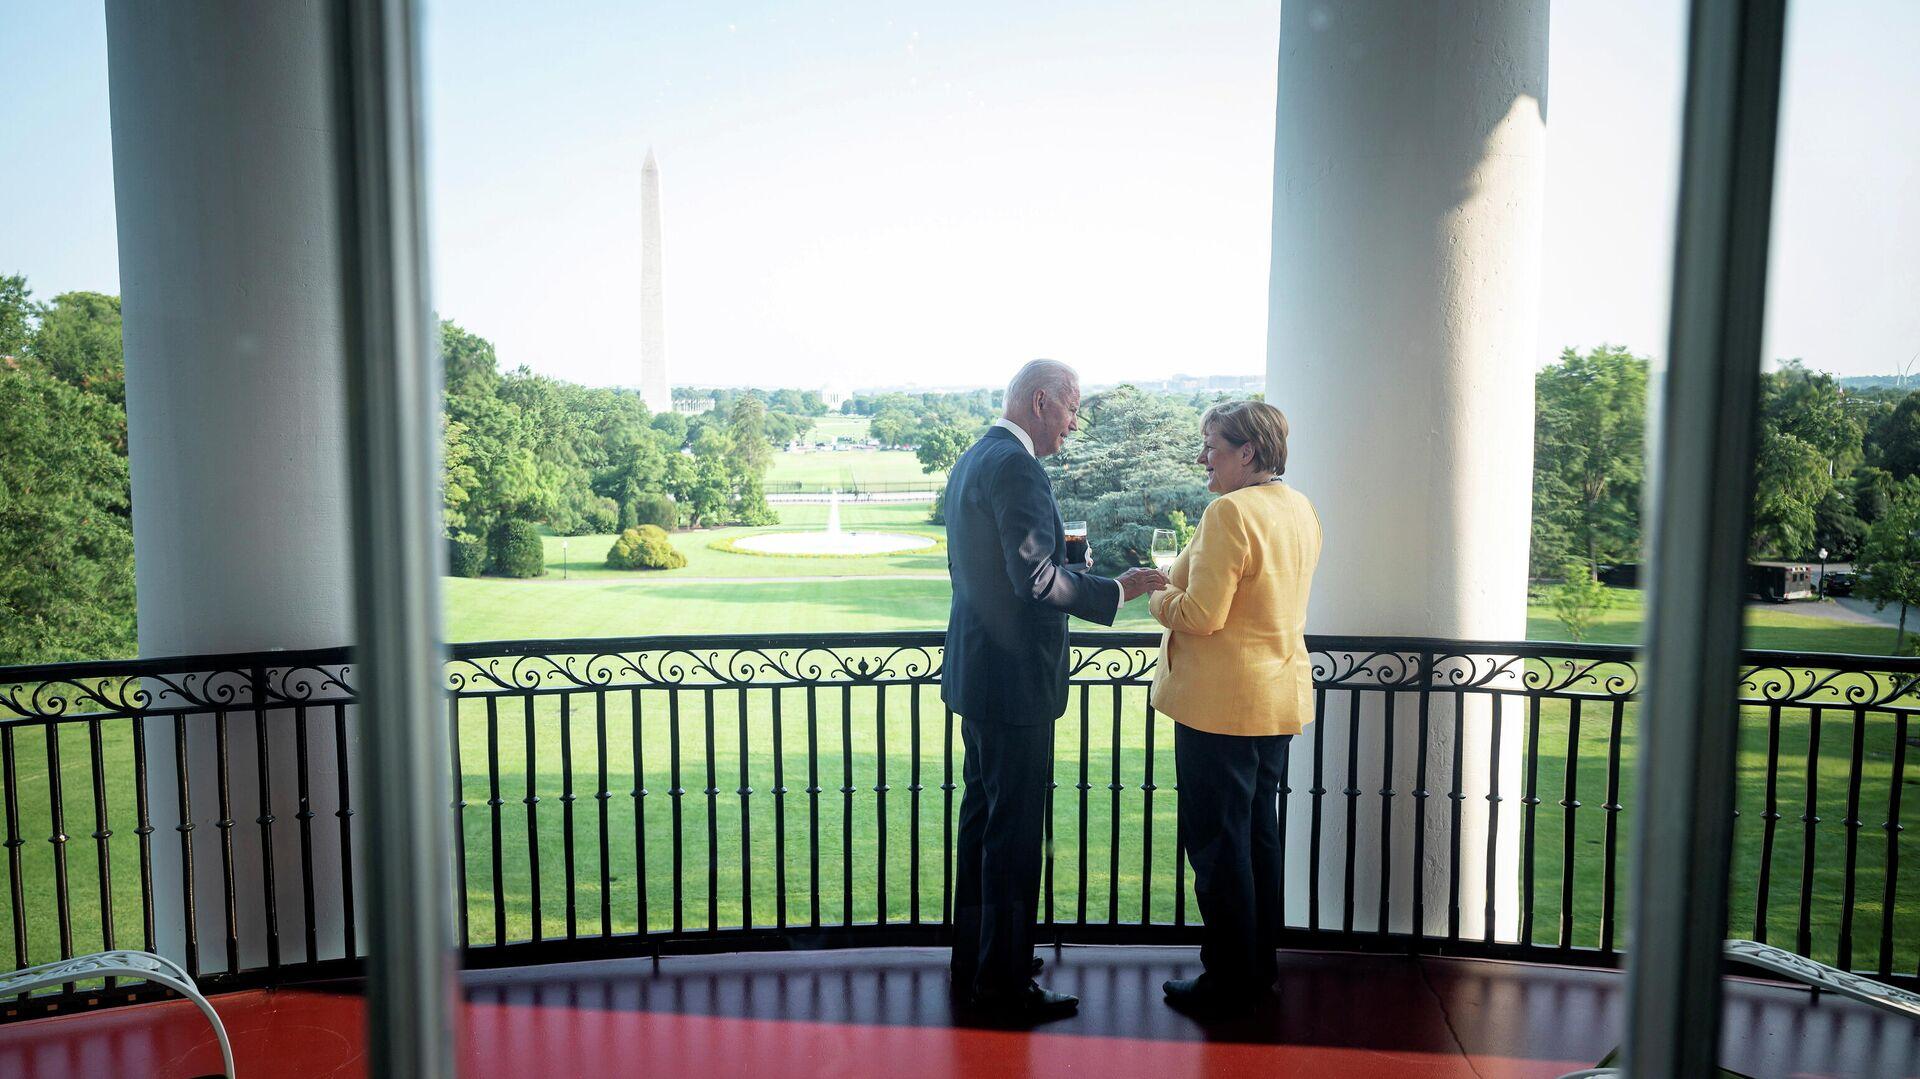 En encuentro del presidente de EEUU, Joe Biden, con la canciller alemana, Angela Merkel - Sputnik Mundo, 1920, 19.07.2021